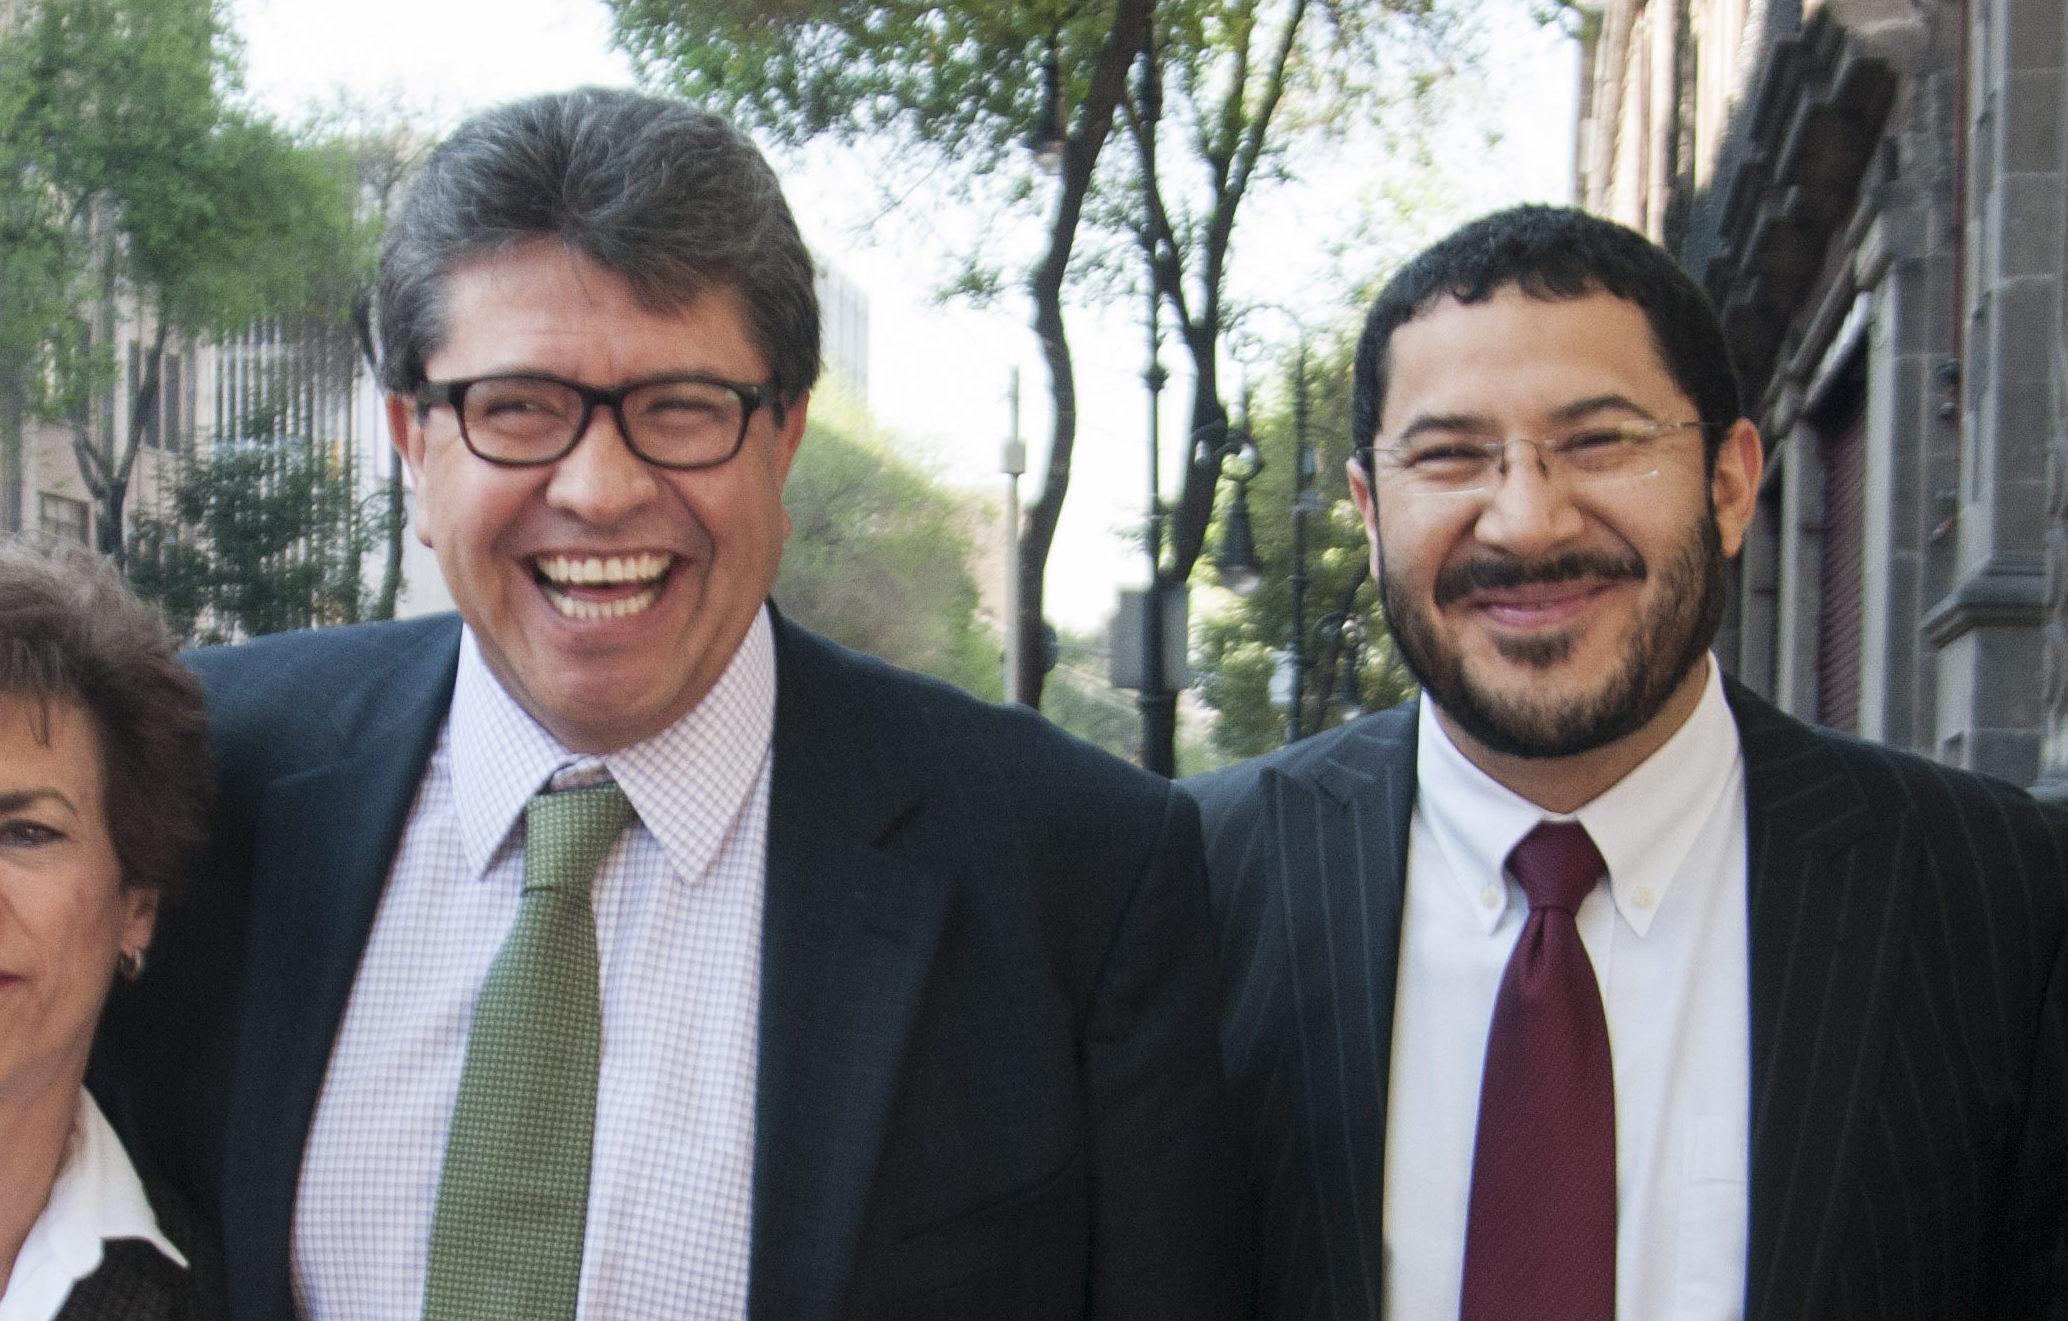 Ricardo Monreal y Martí Batres han sido cercanos desde hace algunos años. Hace pocos días se rumoró que se habían distanciado por la Guardia Nacional.